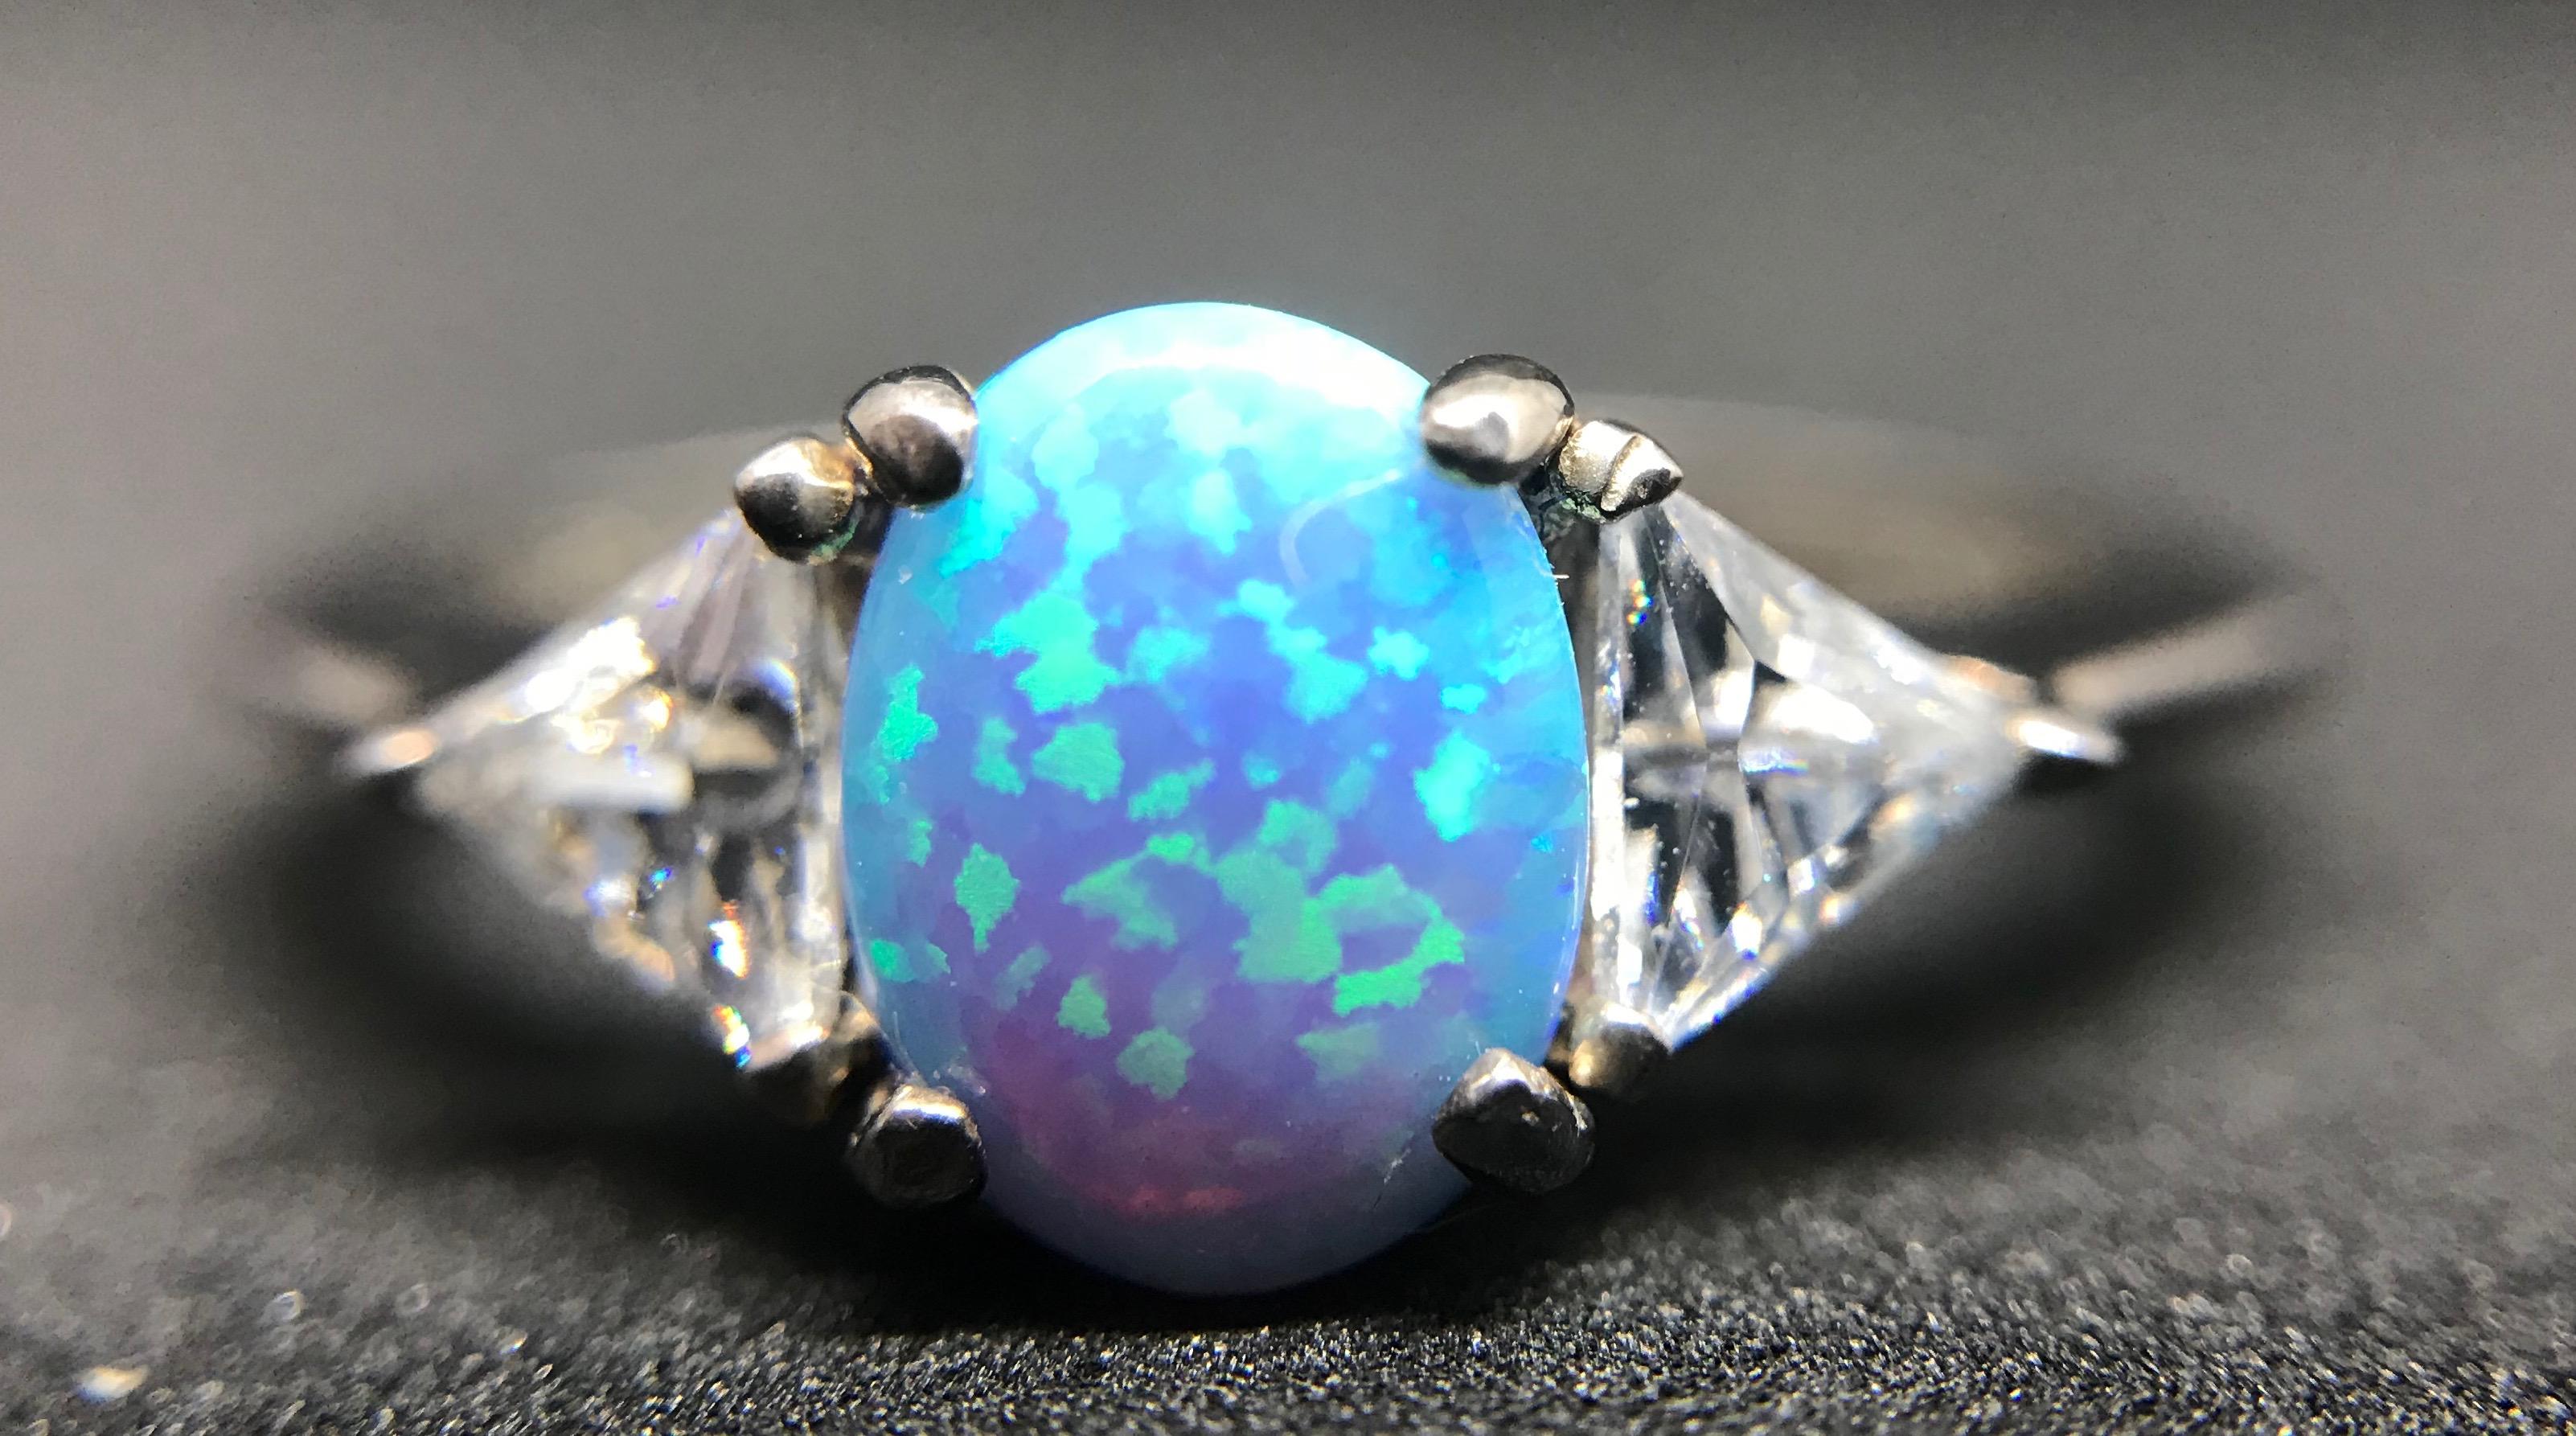 خاتم أوبال - كيف يتكون حجر الأوبال